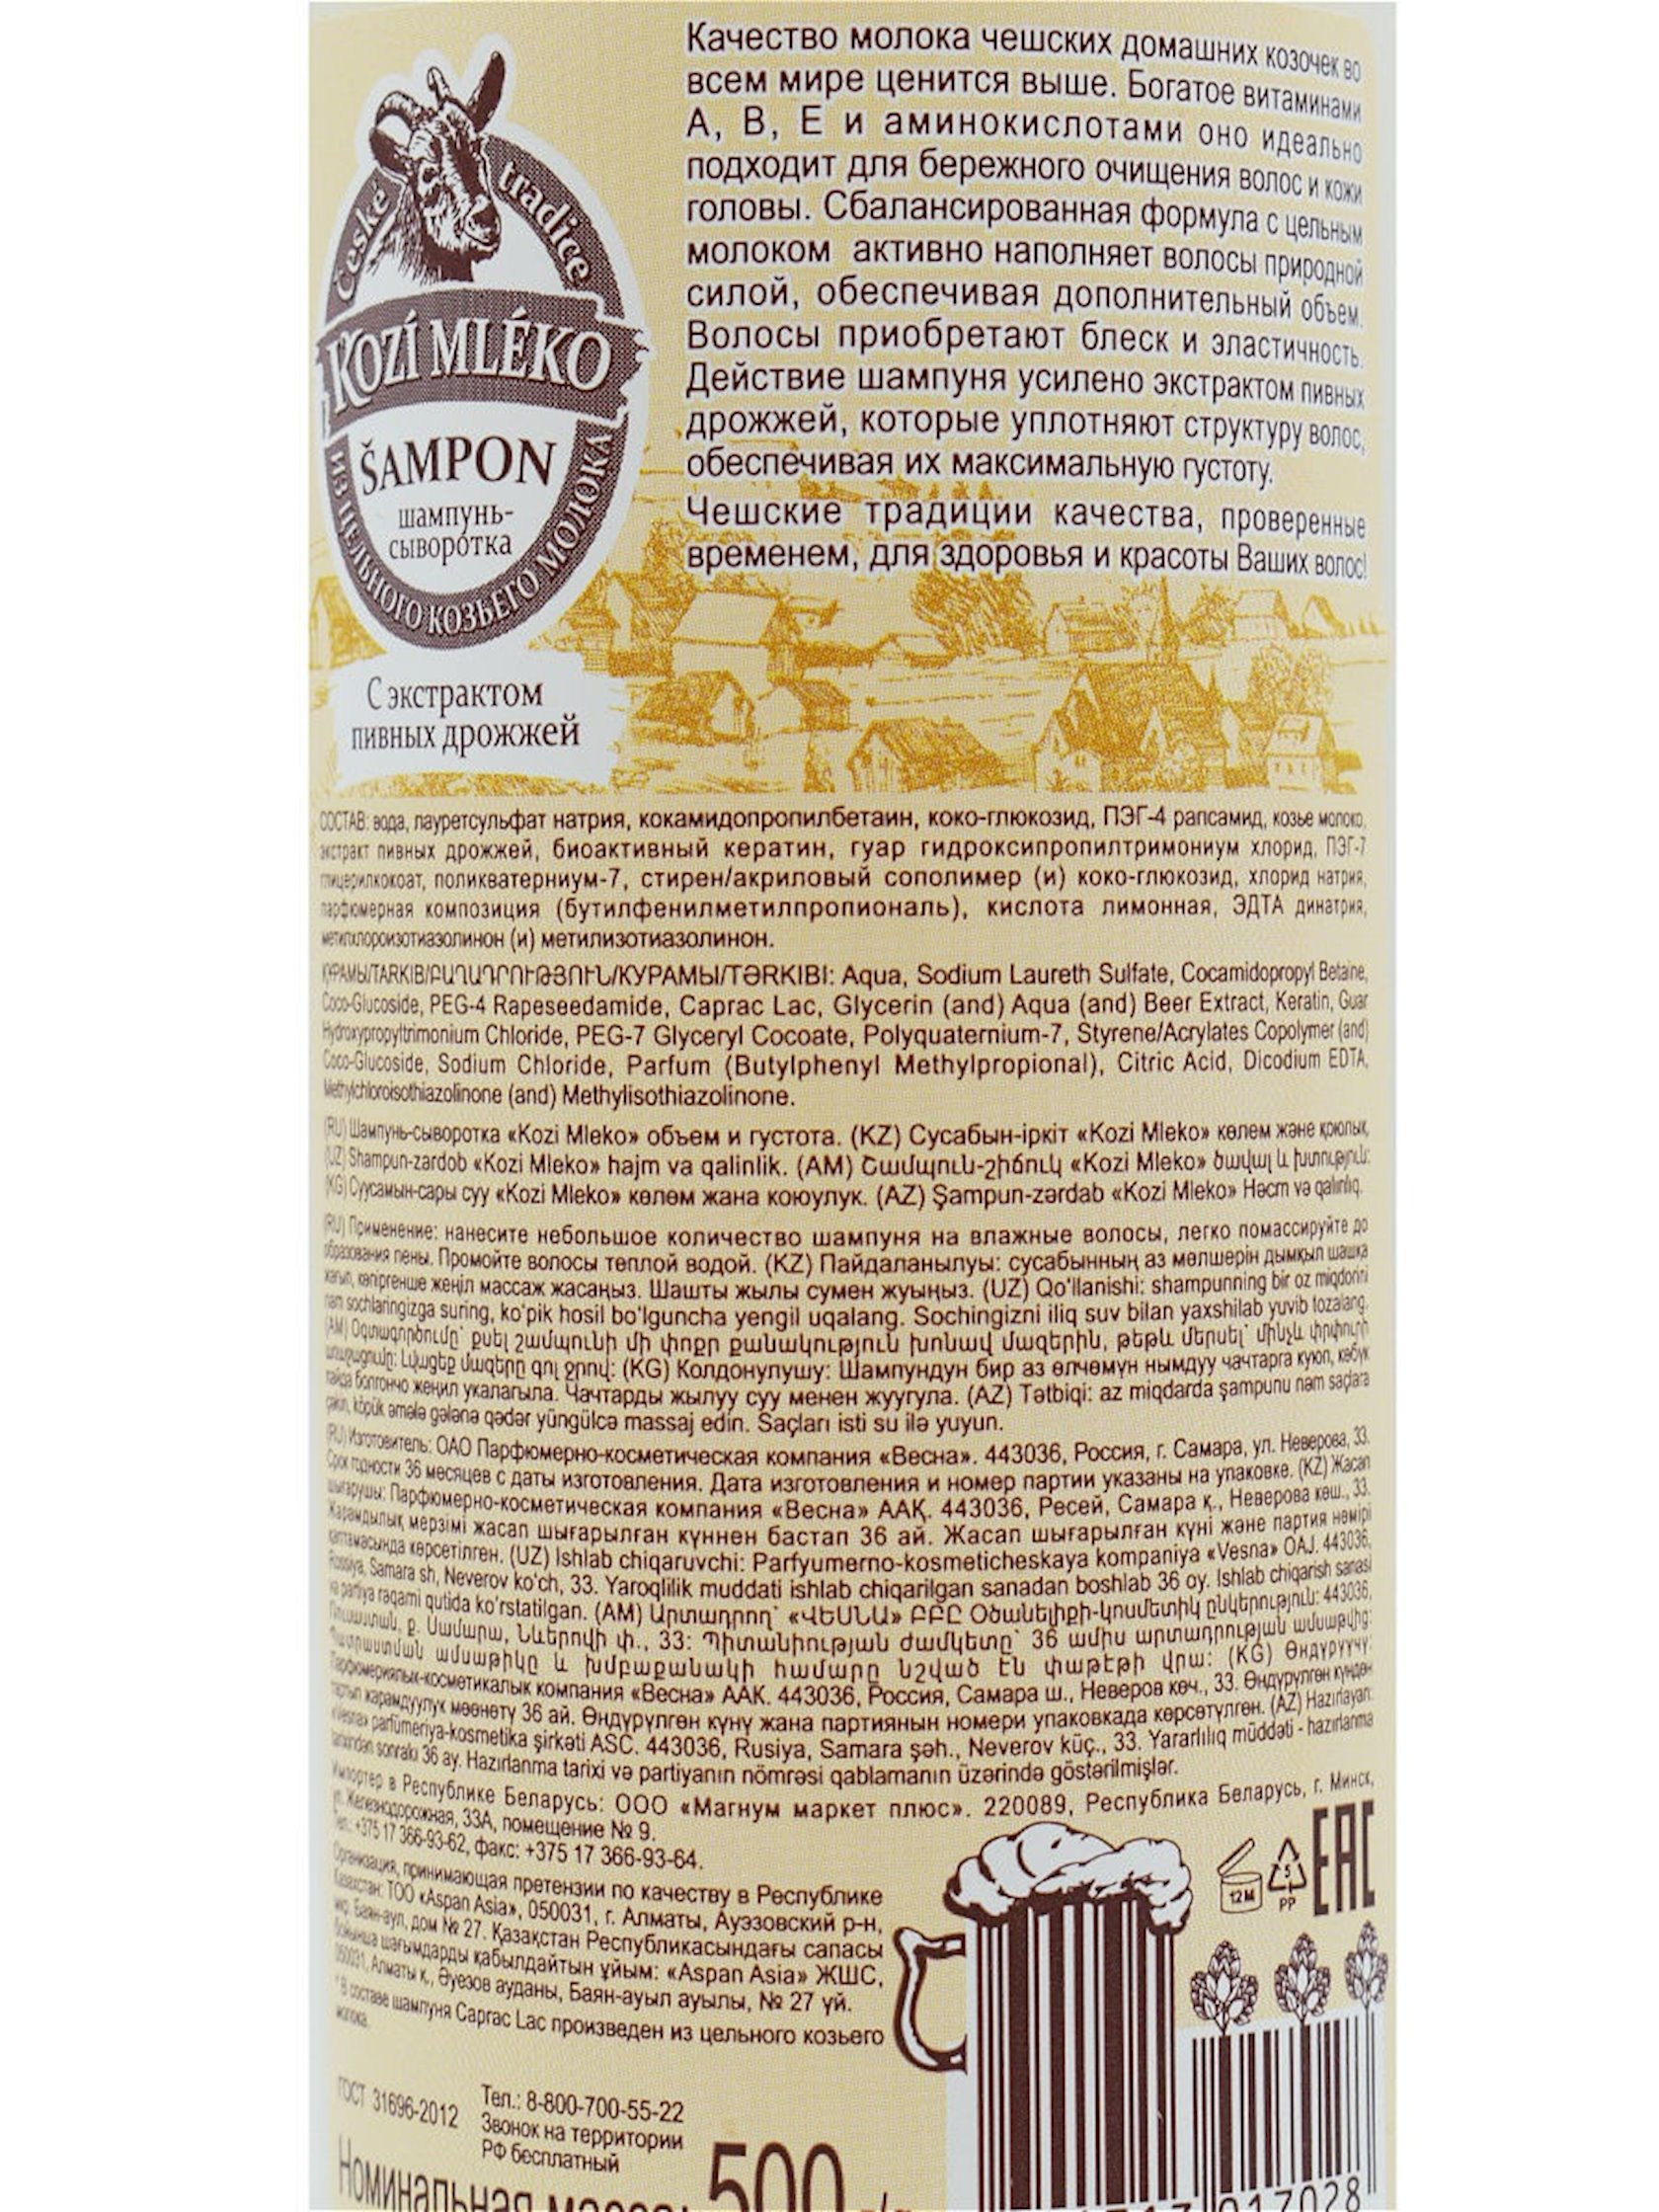 Şampun-serum Kozi Mleko Həcm və gurluq bütün növ saçlar üçün 500 ml